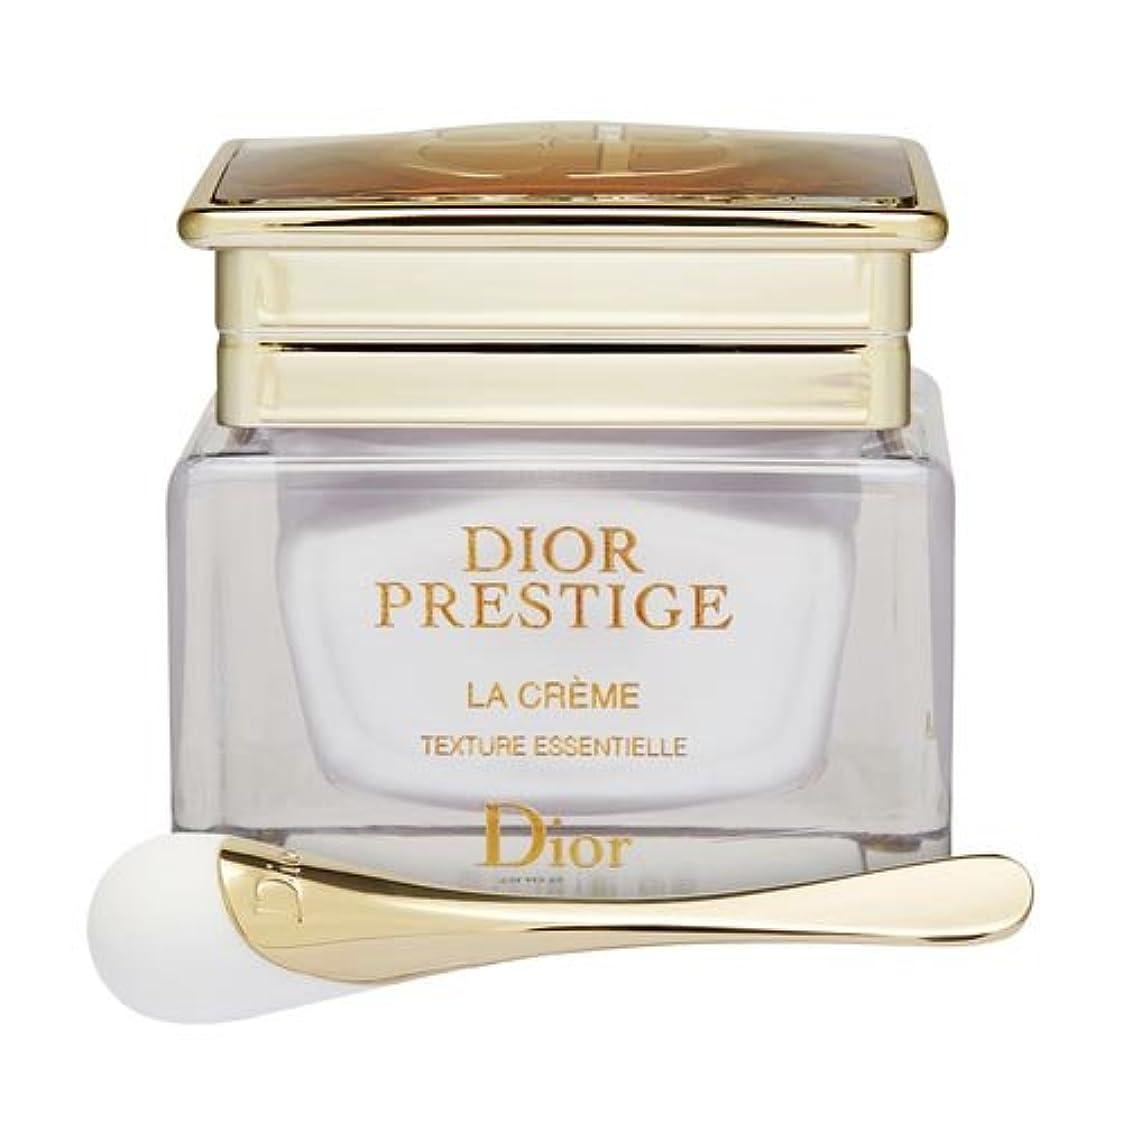 完全に乾く仕出します中止しますディオール(Dior) プレステージ ラ クレーム 50ml[並行輸入品]